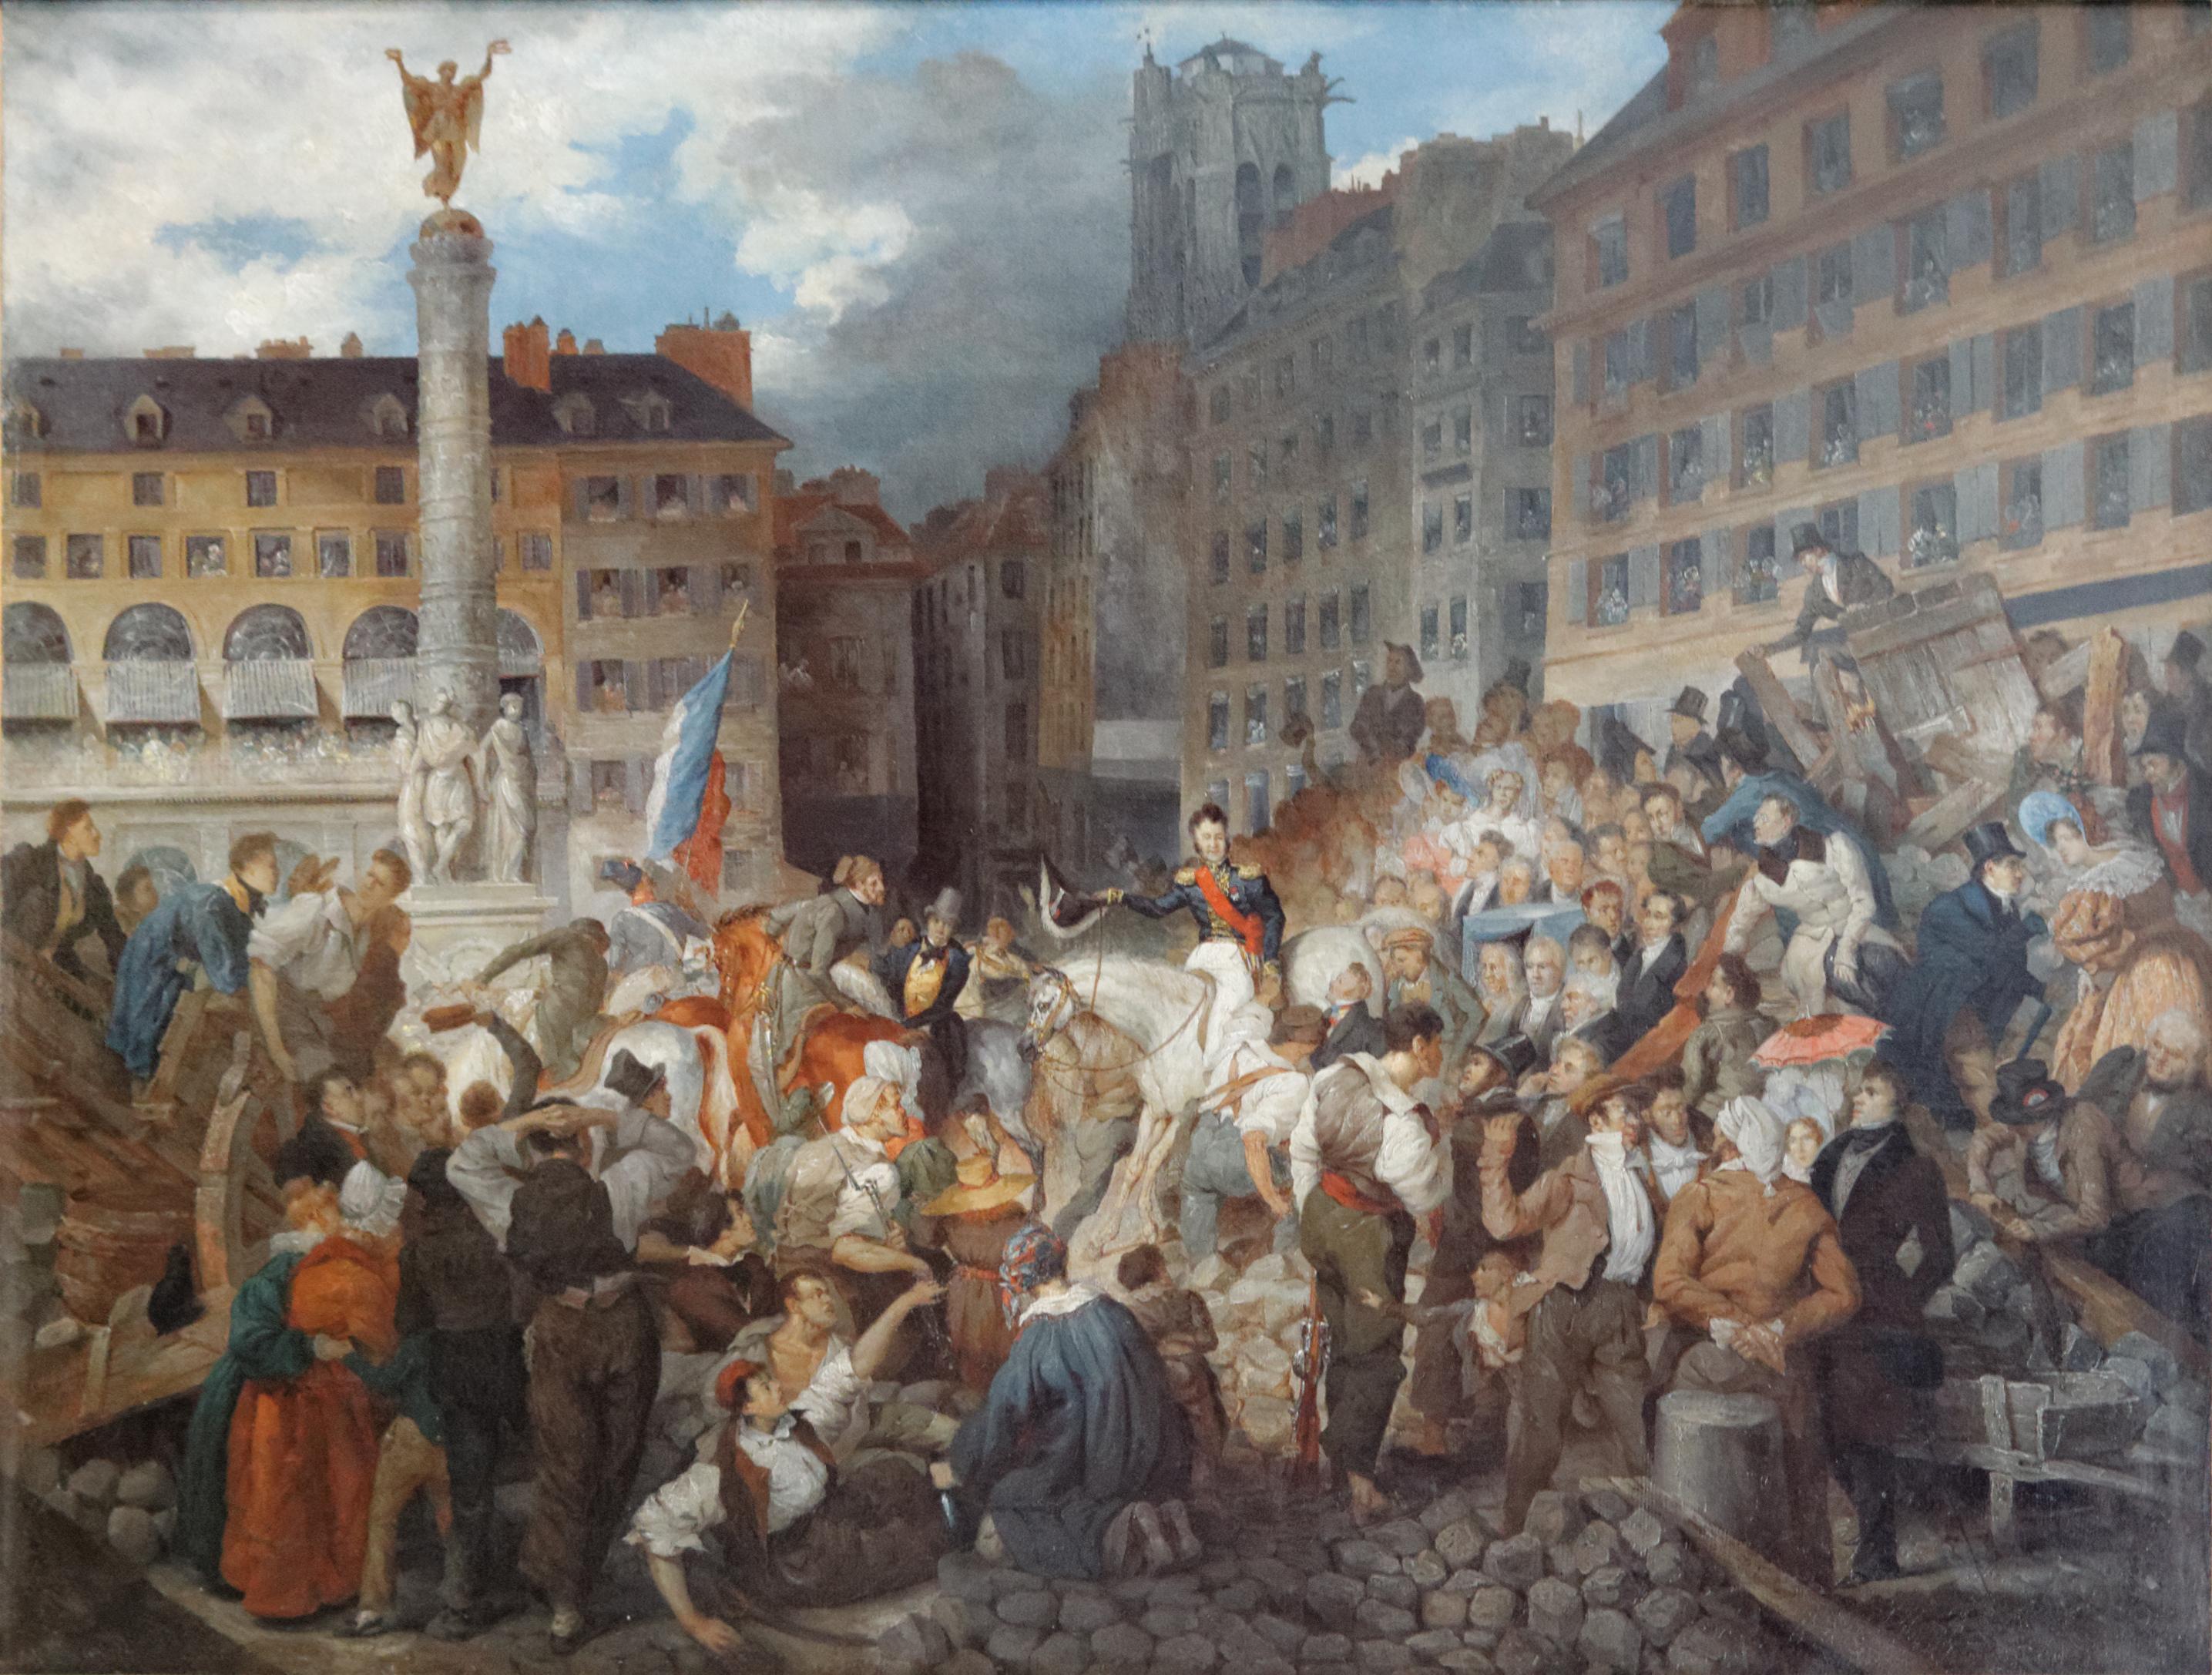 File:Le Duc d'Orléans traversant la place du Châtelet, le 31 juillet 1830  by Prosper Lafaye (Carnavalet P 2355).jpg